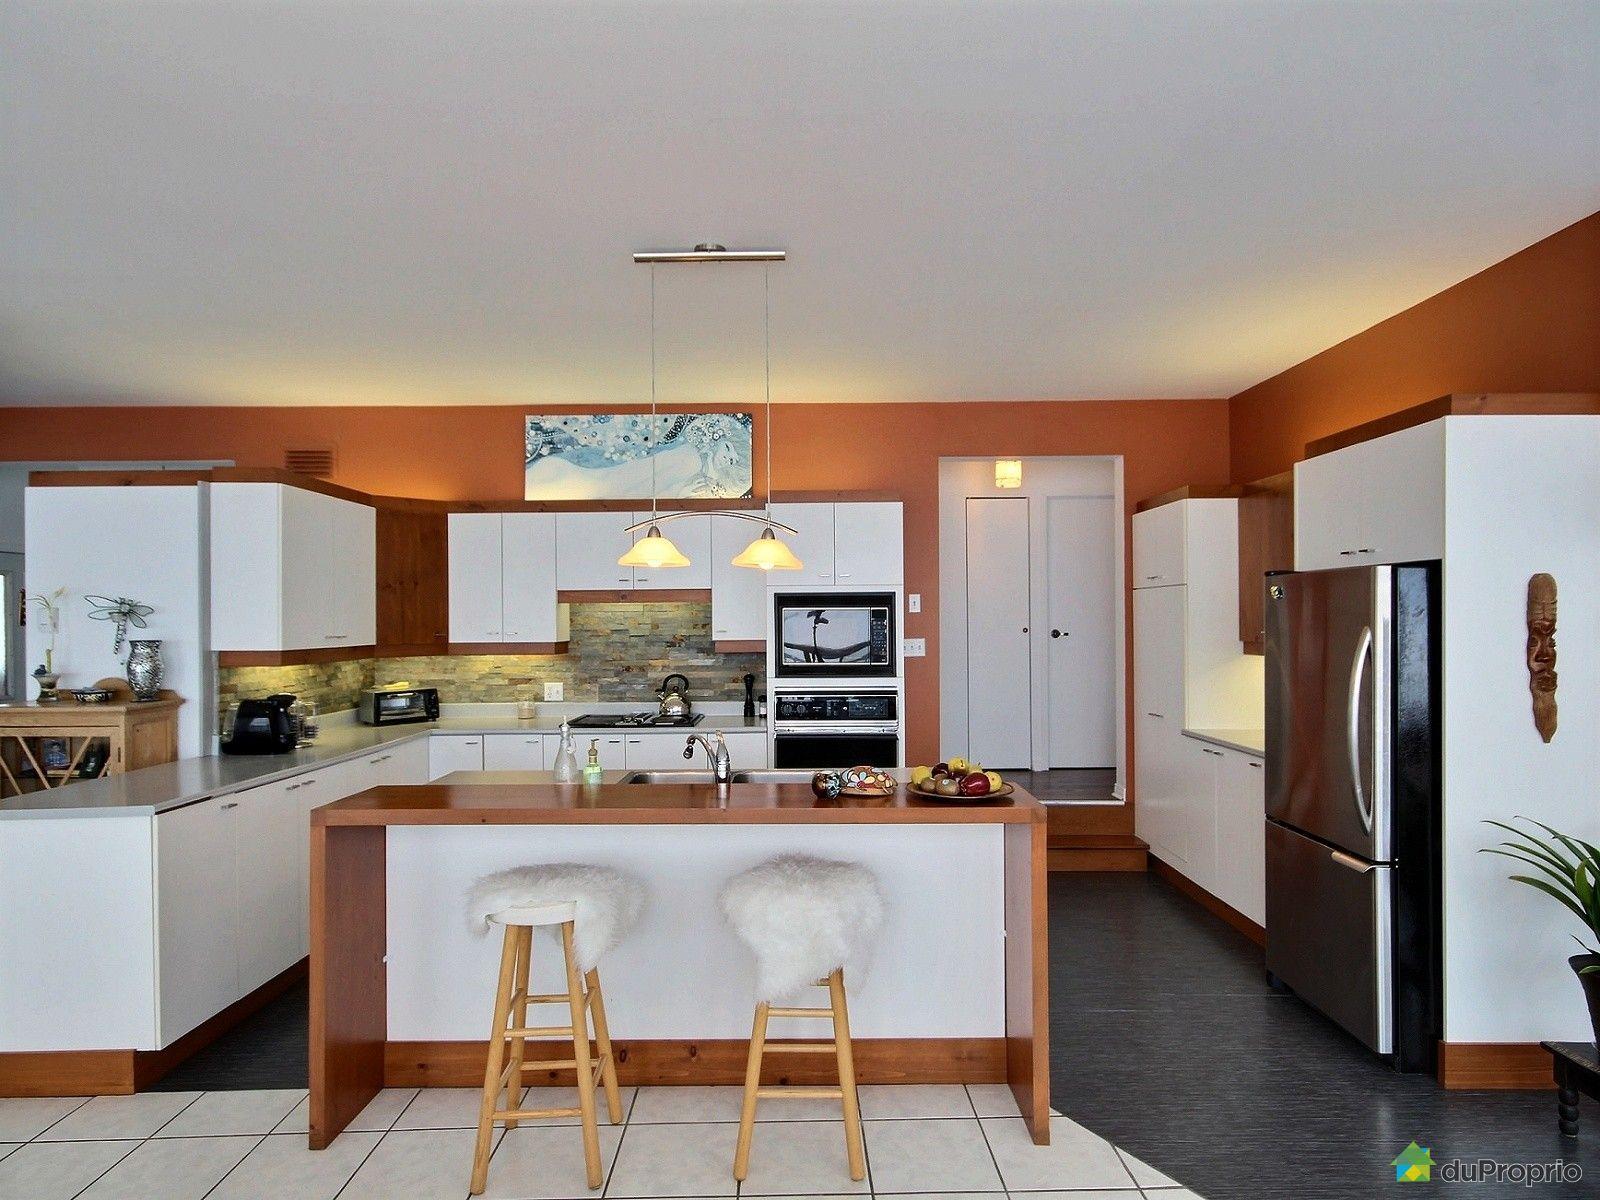 bi g n ration vendu grenville sur la rouge immobilier qu bec duproprio 640429. Black Bedroom Furniture Sets. Home Design Ideas